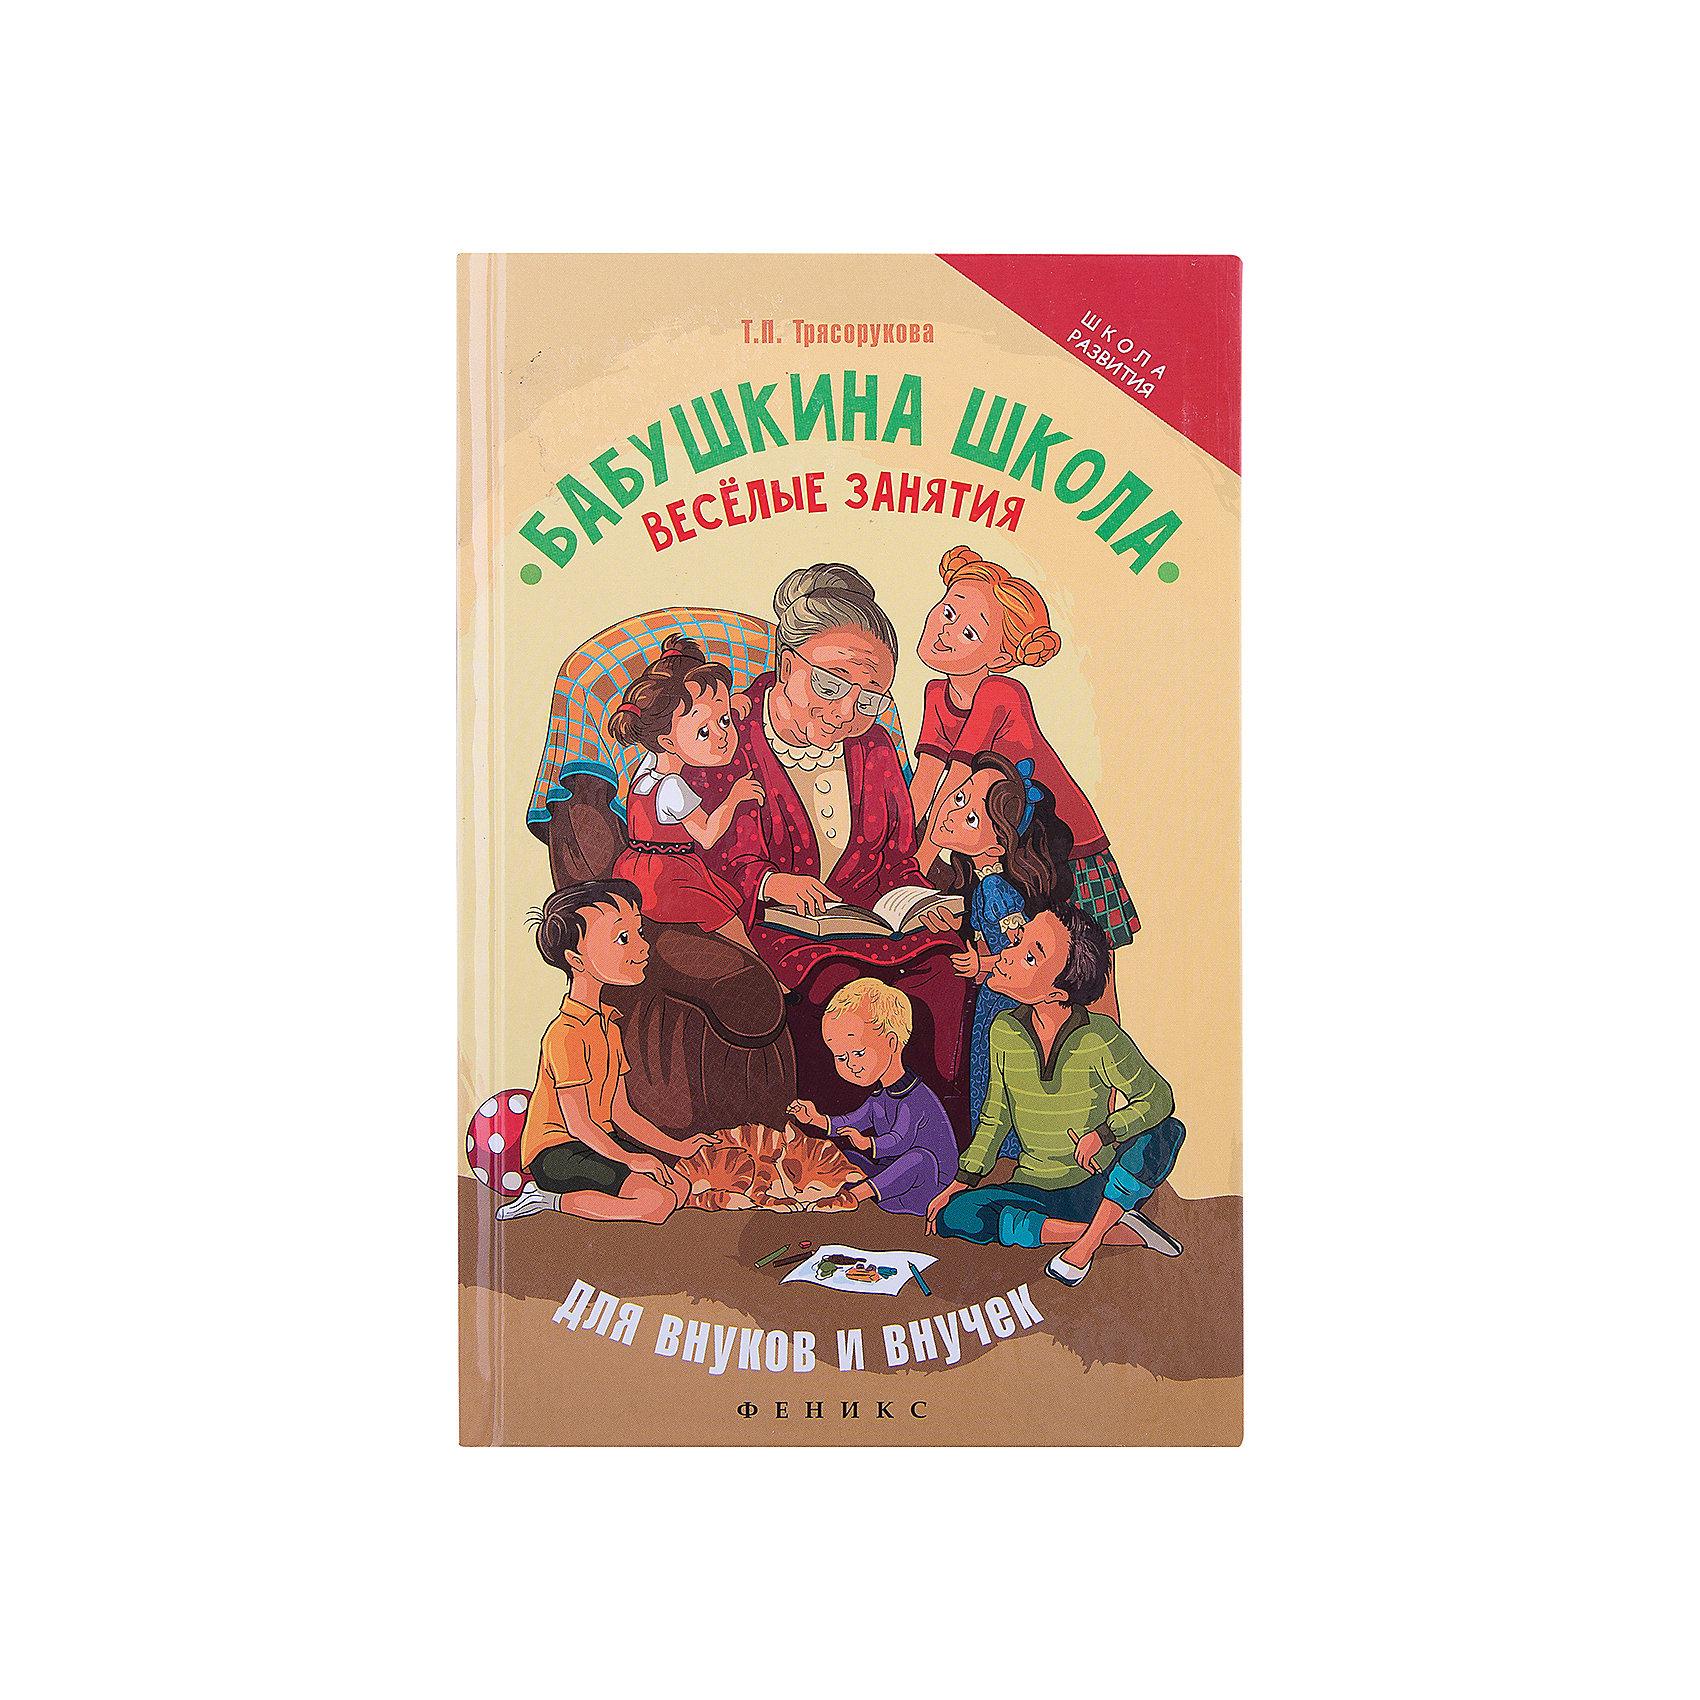 Пособие Бабушкина школа: веселые занятия для внуков и внучек, изд. 2-е«Бабушкина школа» — это практическое пособие, которое поможет бабушкам (и не только) организовать продуктивное развивающее взаимодействие со своими внуками и внучками Книга содержит увлекательные задания и игры, а также загадки, стихи и скороговорки длязанятий с детьми 4-7 лет.<br>Дорогие бабушки, занимайтесь с внучатами, дарите им свое внимание и любовь. Получайте удовольствие от совместного общения!<br><br>Ширина мм: 180<br>Глубина мм: 134<br>Высота мм: 207<br>Вес г: 283<br>Возраст от месяцев: -2147483648<br>Возраст до месяцев: 2147483647<br>Пол: Унисекс<br>Возраст: Детский<br>SKU: 5500986